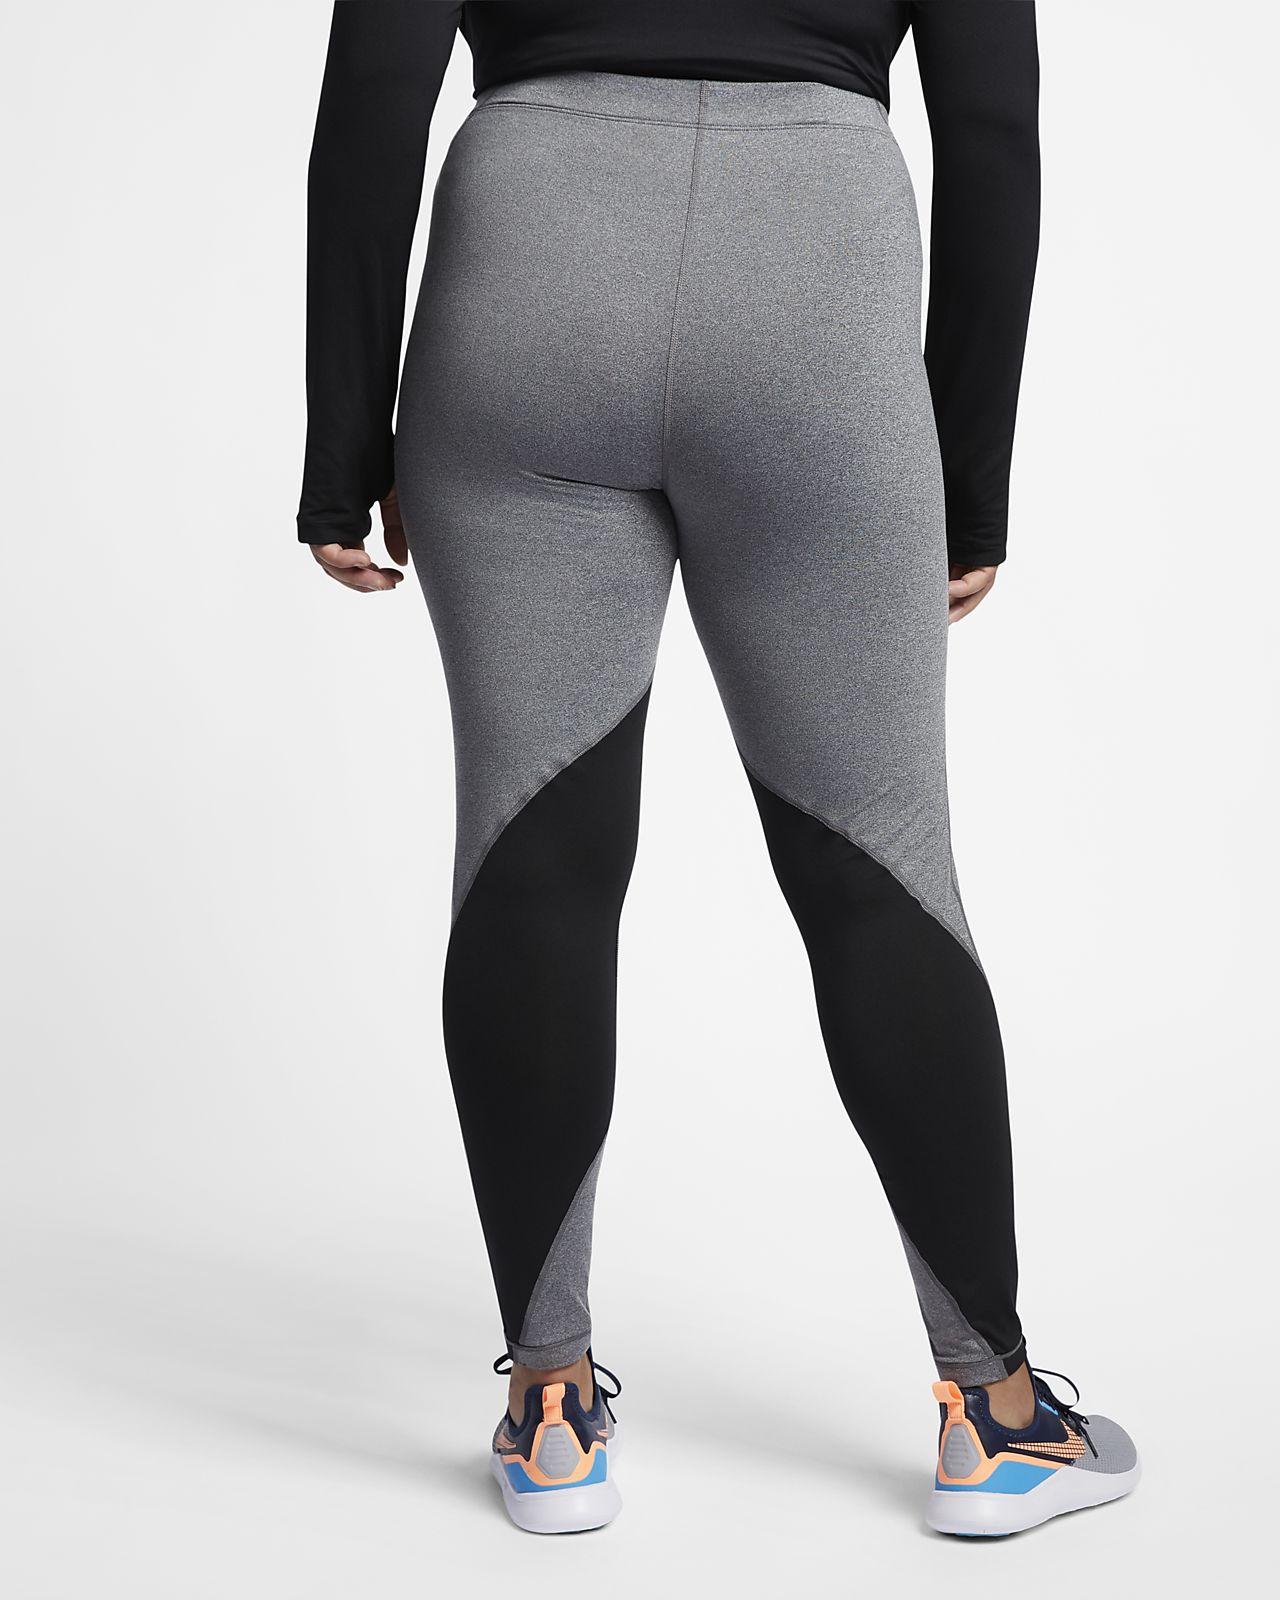 f11e6d84d2f Nike Pro Women s Mid-Rise Training Tights (Plus Size). Nike.com MA